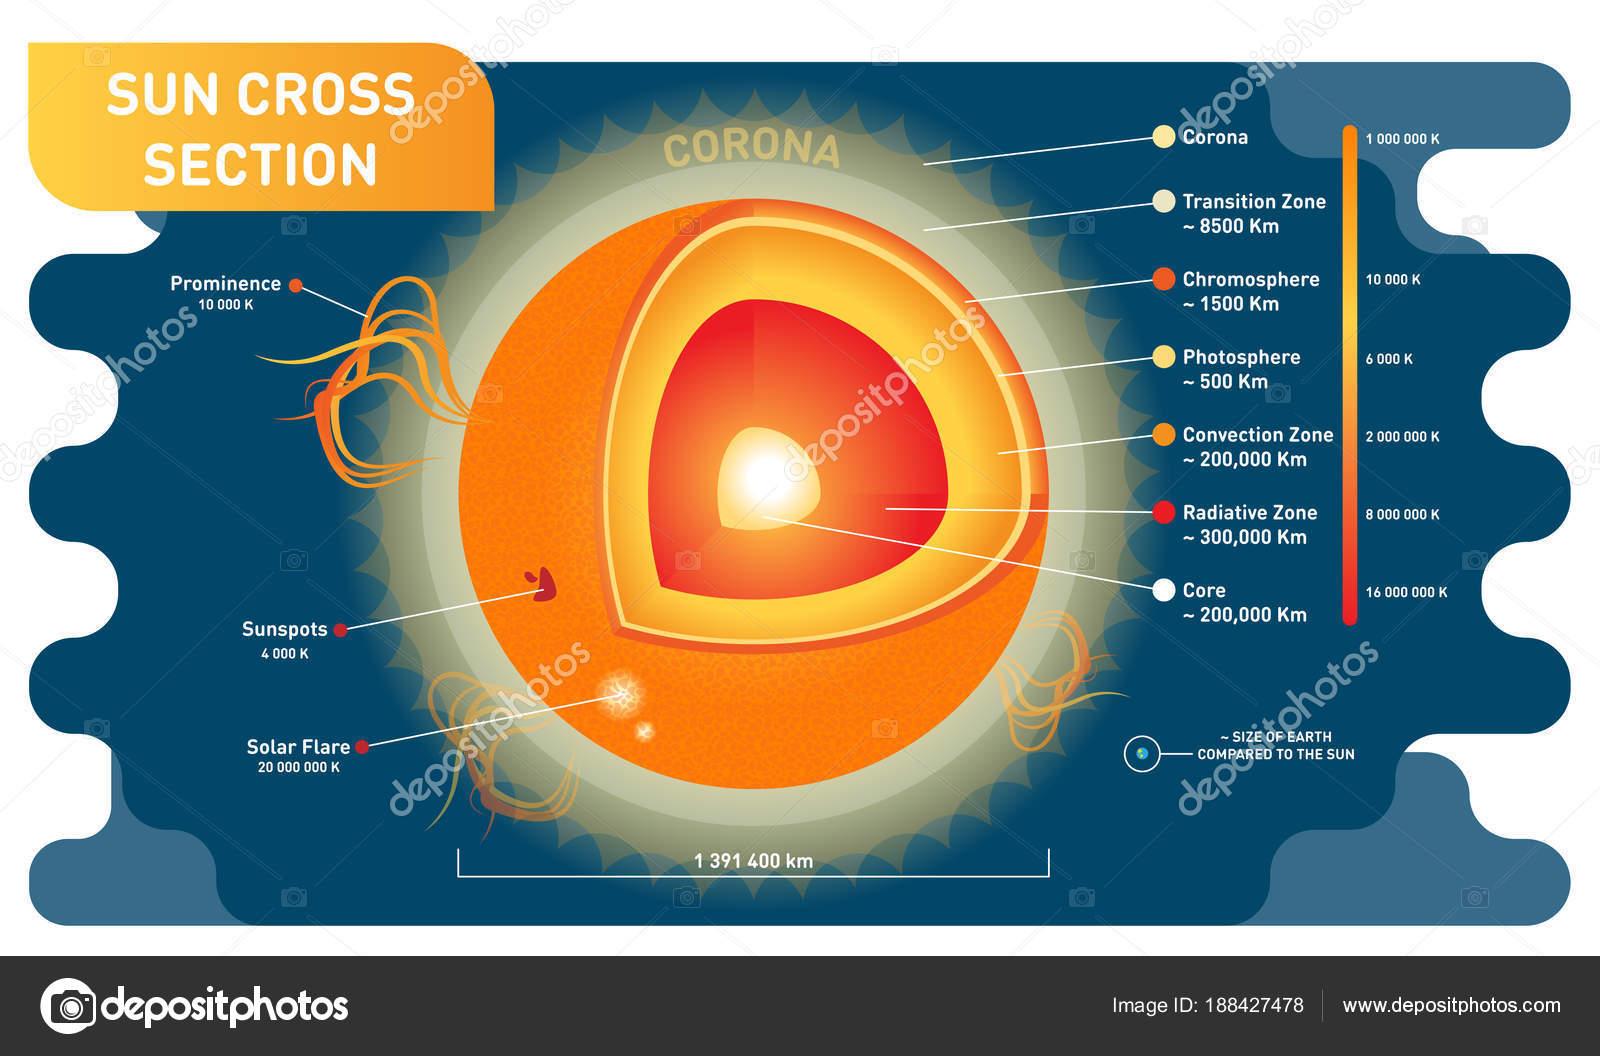 pictures sunspots sun cross section scientific vector 3D Sun Diagram